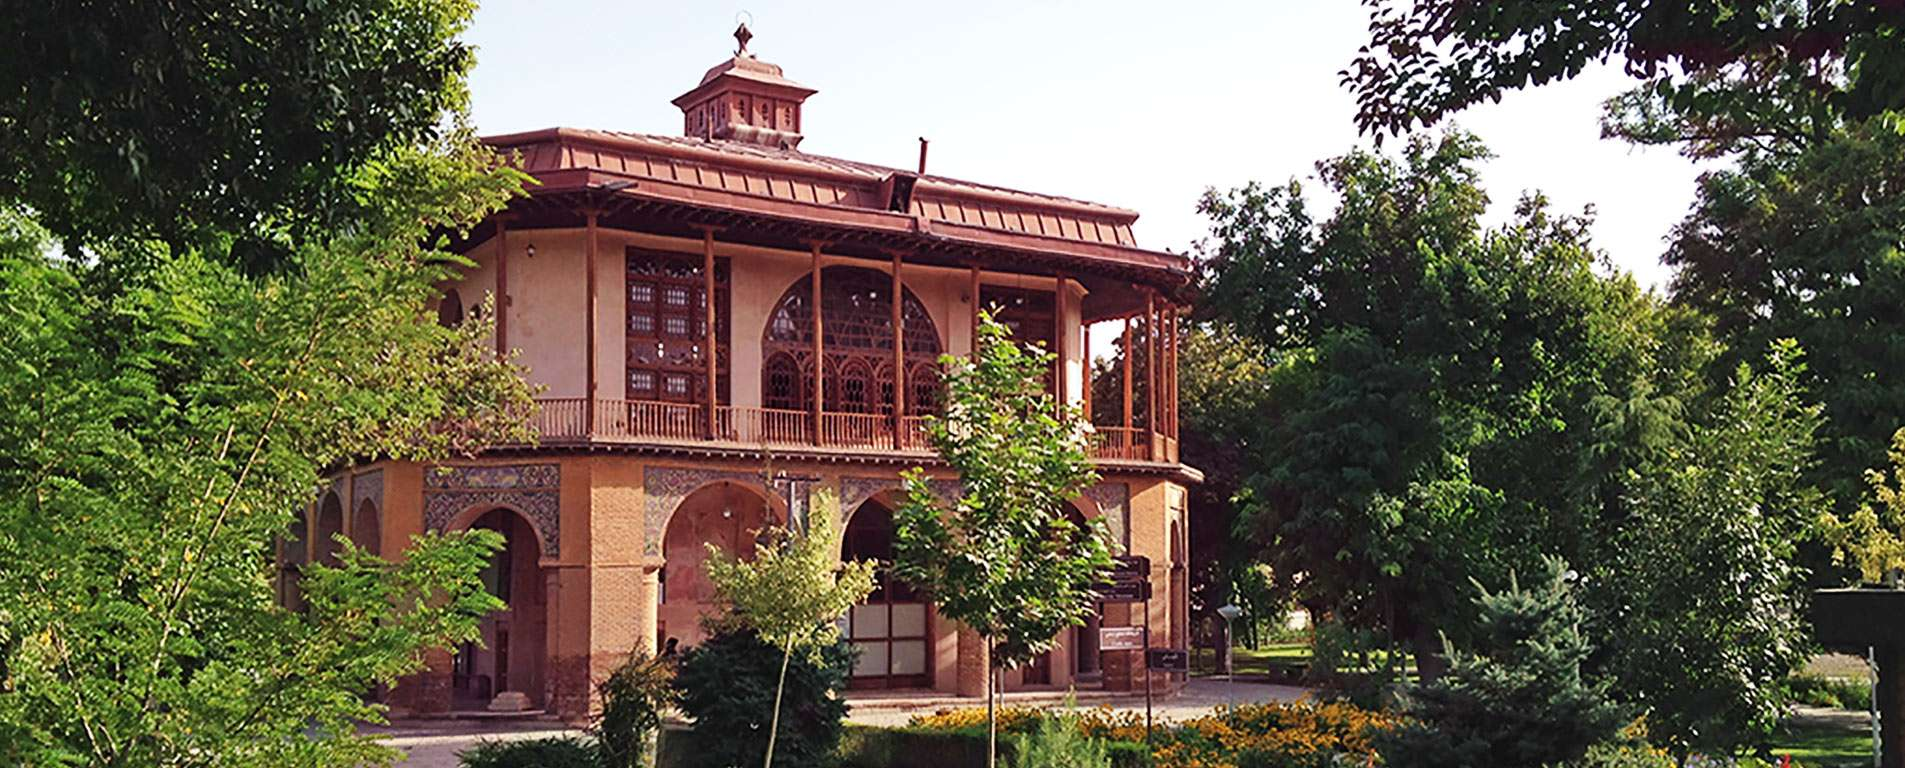 کاخ عالی قا÷و قزوین کاخ عالی قاپو اصفهان جاذبه توریست صفوی معماری اسلامی